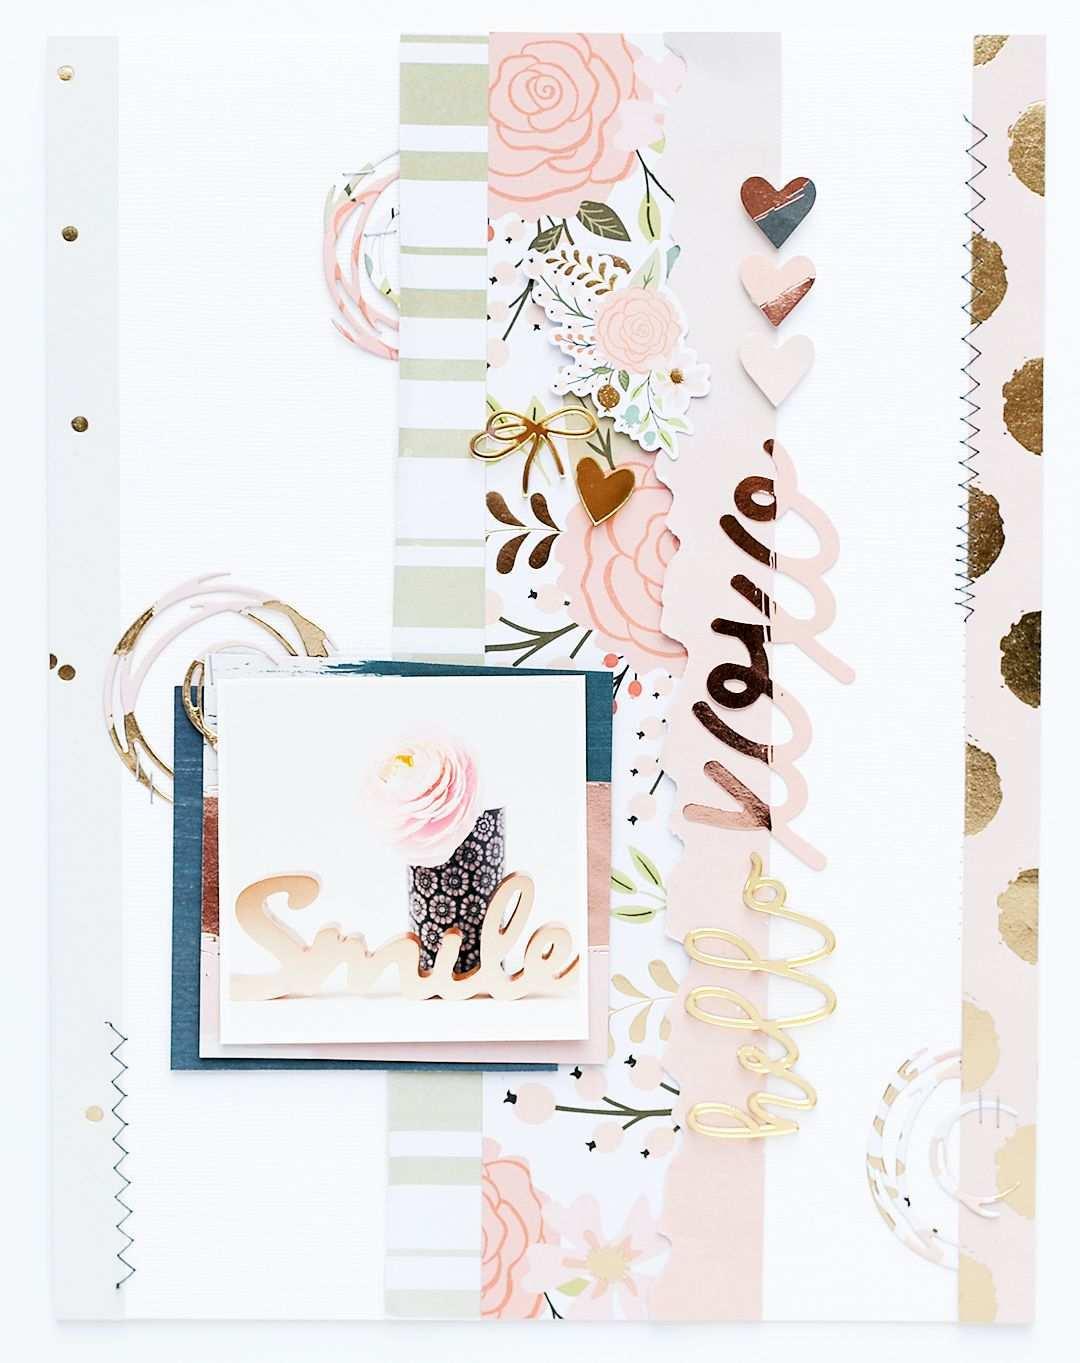 New Scrapbook Layouts Hochzeitsbuch Layout Layouts Fur Erinnerungsalben Fotoalbum Gestalten